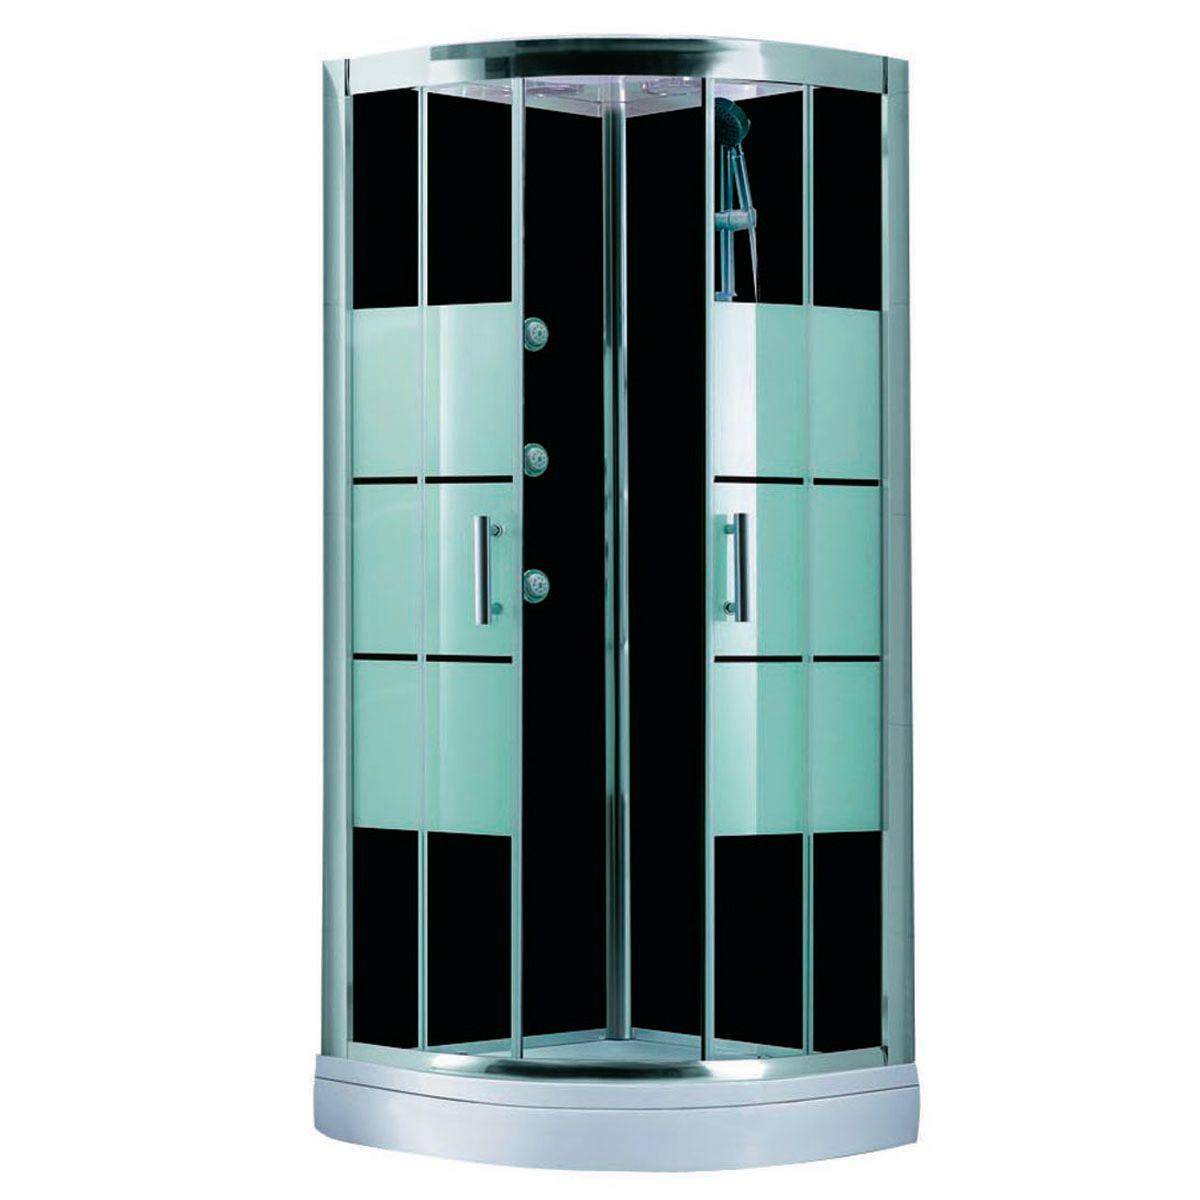 Cabina idromassaggio sensea 90 x 90 cm prezzi e offerte - Cabina doccia leroy merlin ...